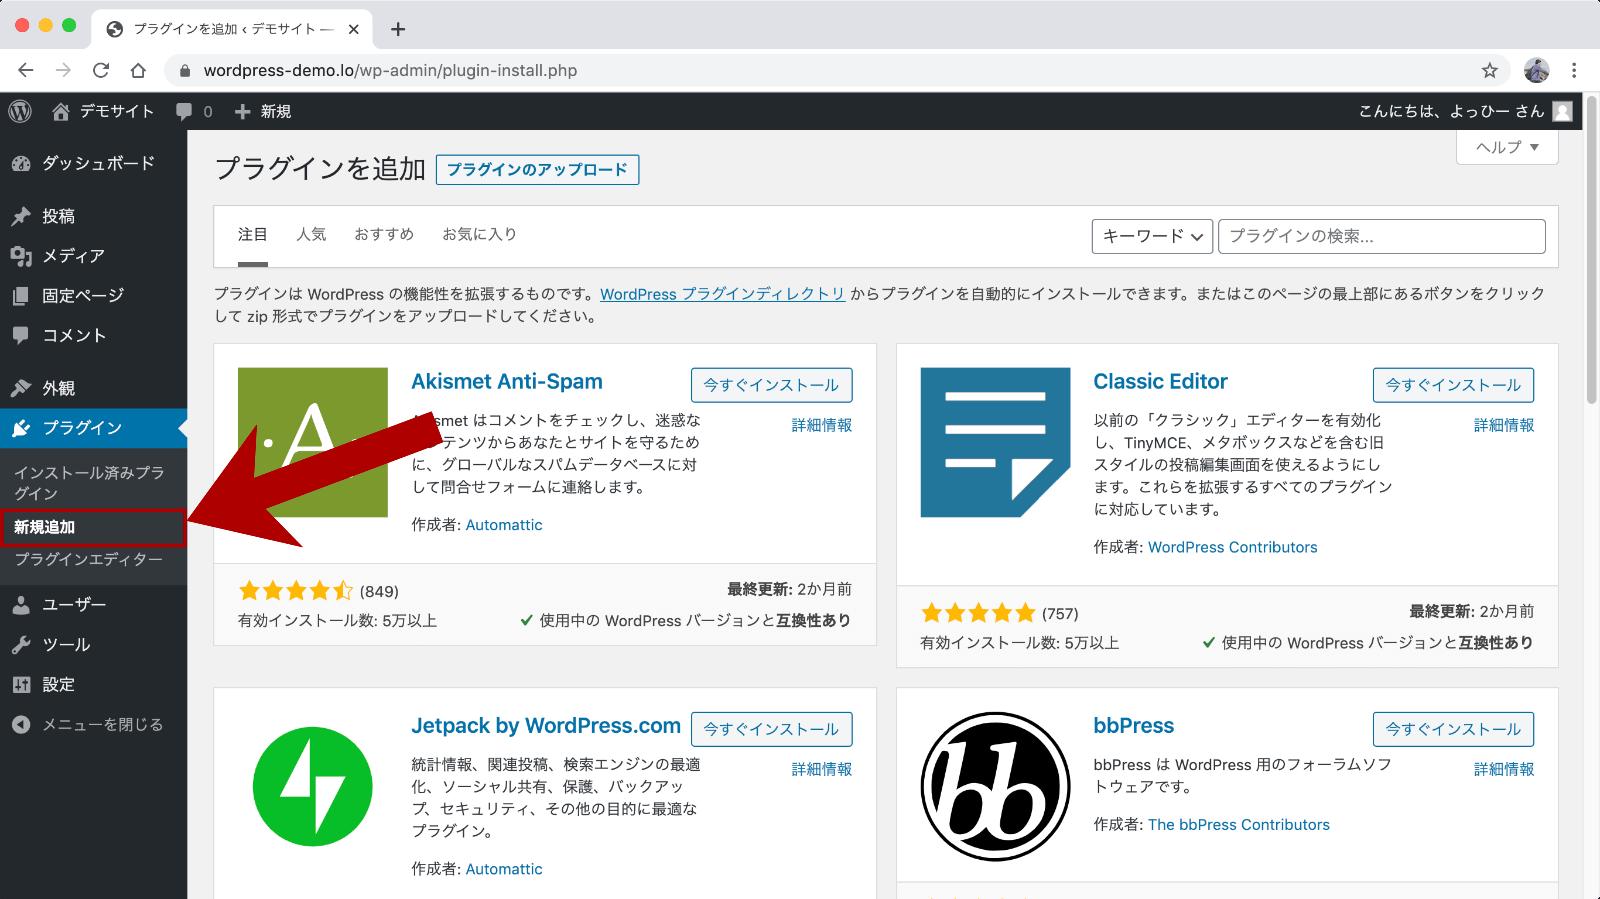 WordPressプラグインのインストール画面